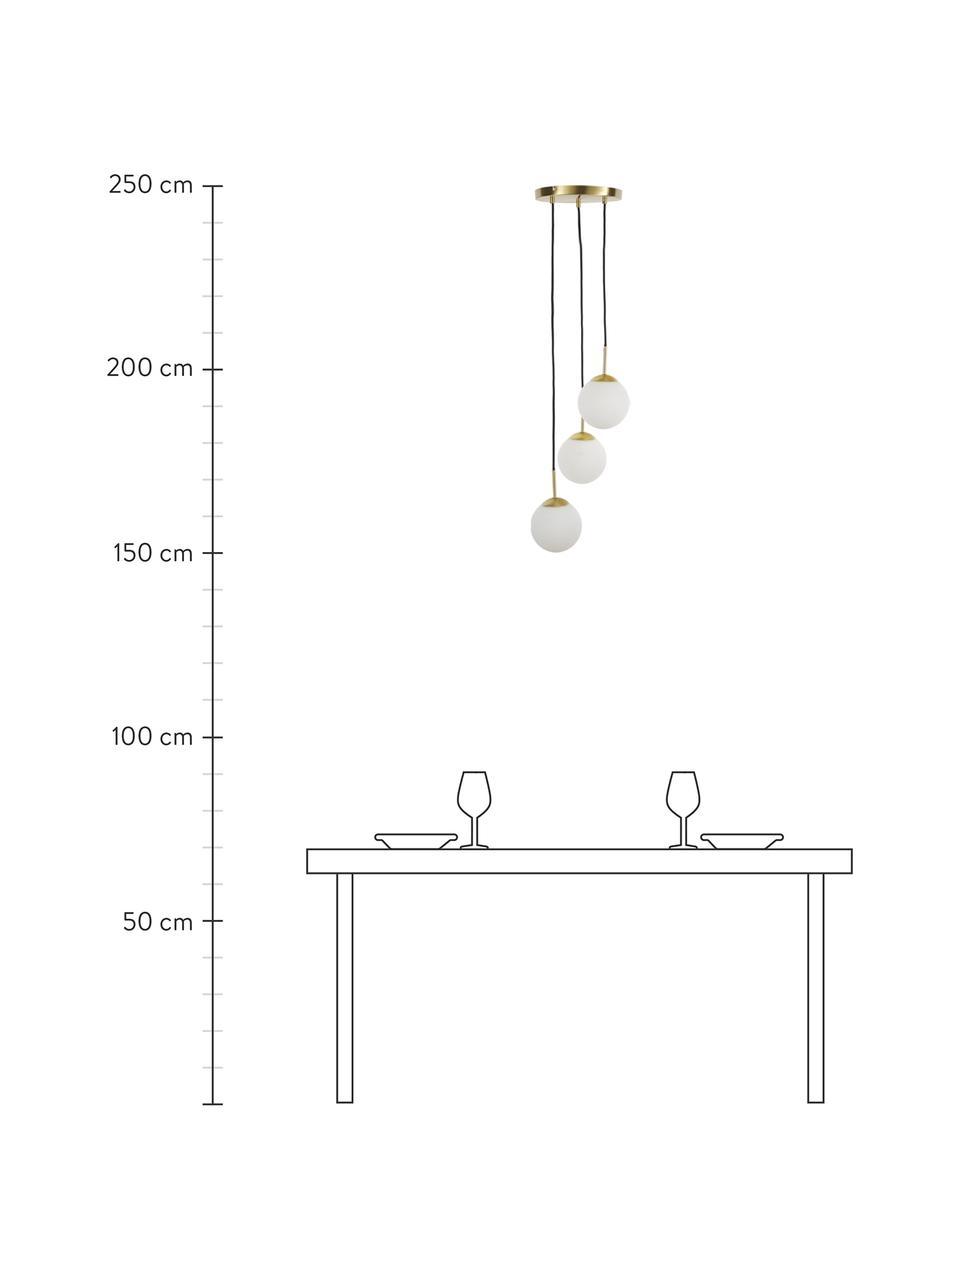 Lampada a sospensione in vetro opale Edie, Paralume: vetro opale, Baldacchino: metallo ottonato, Bianco, ottone, Larg. 30 x Prof. 30 cm